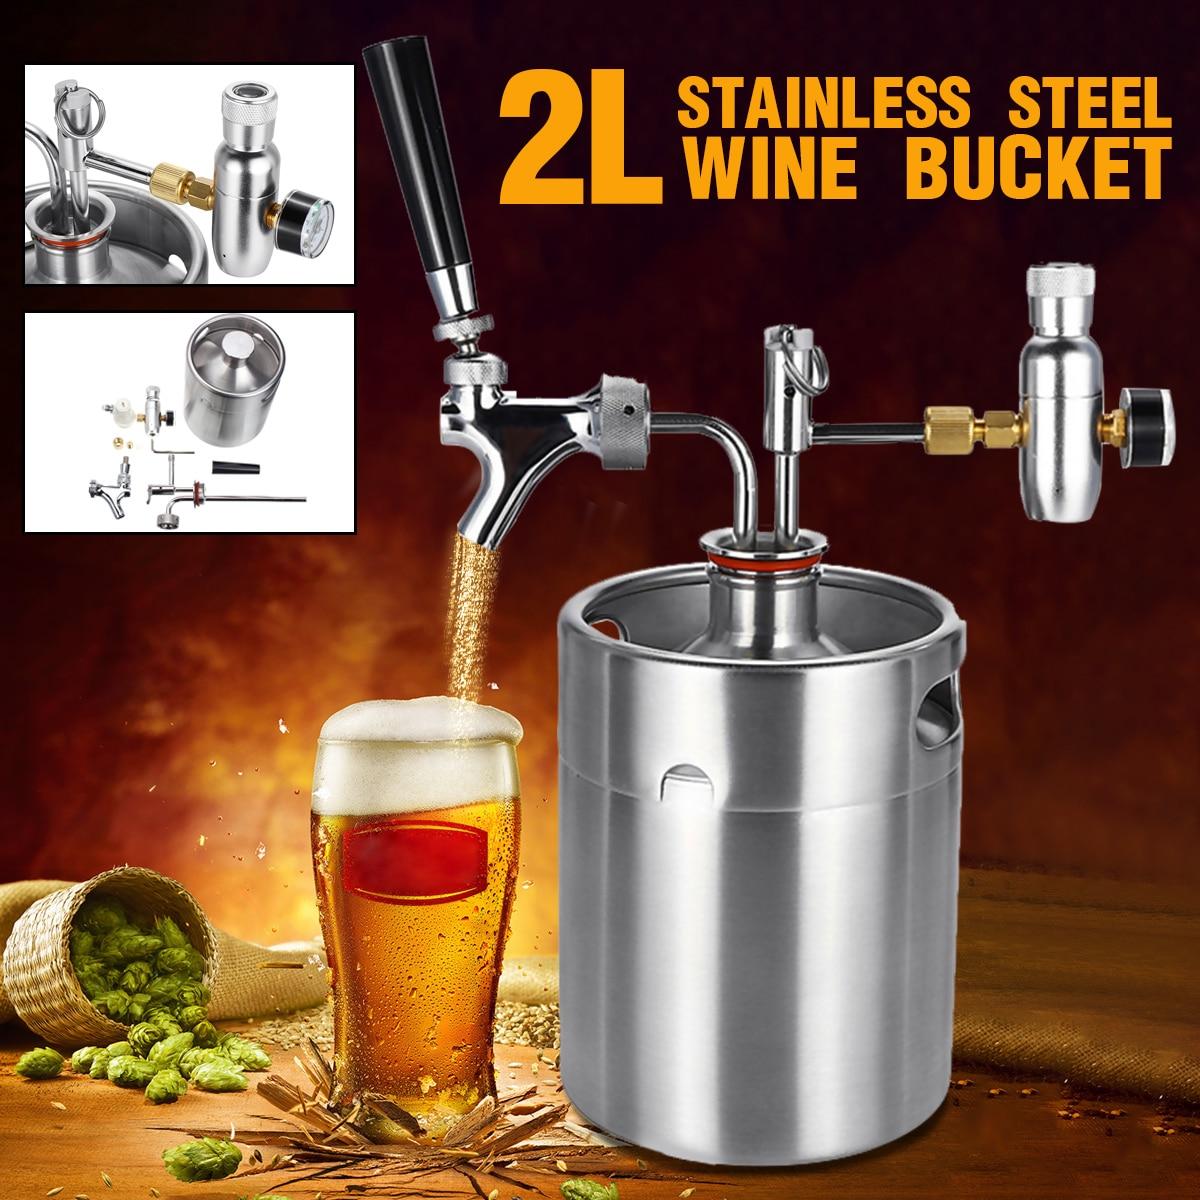 2L עמיד נירוסטה יין באר חבית בית באר Dispenser רוטן בירה מתבשל קרפט מיני באר חבית עם ברז בלחץ